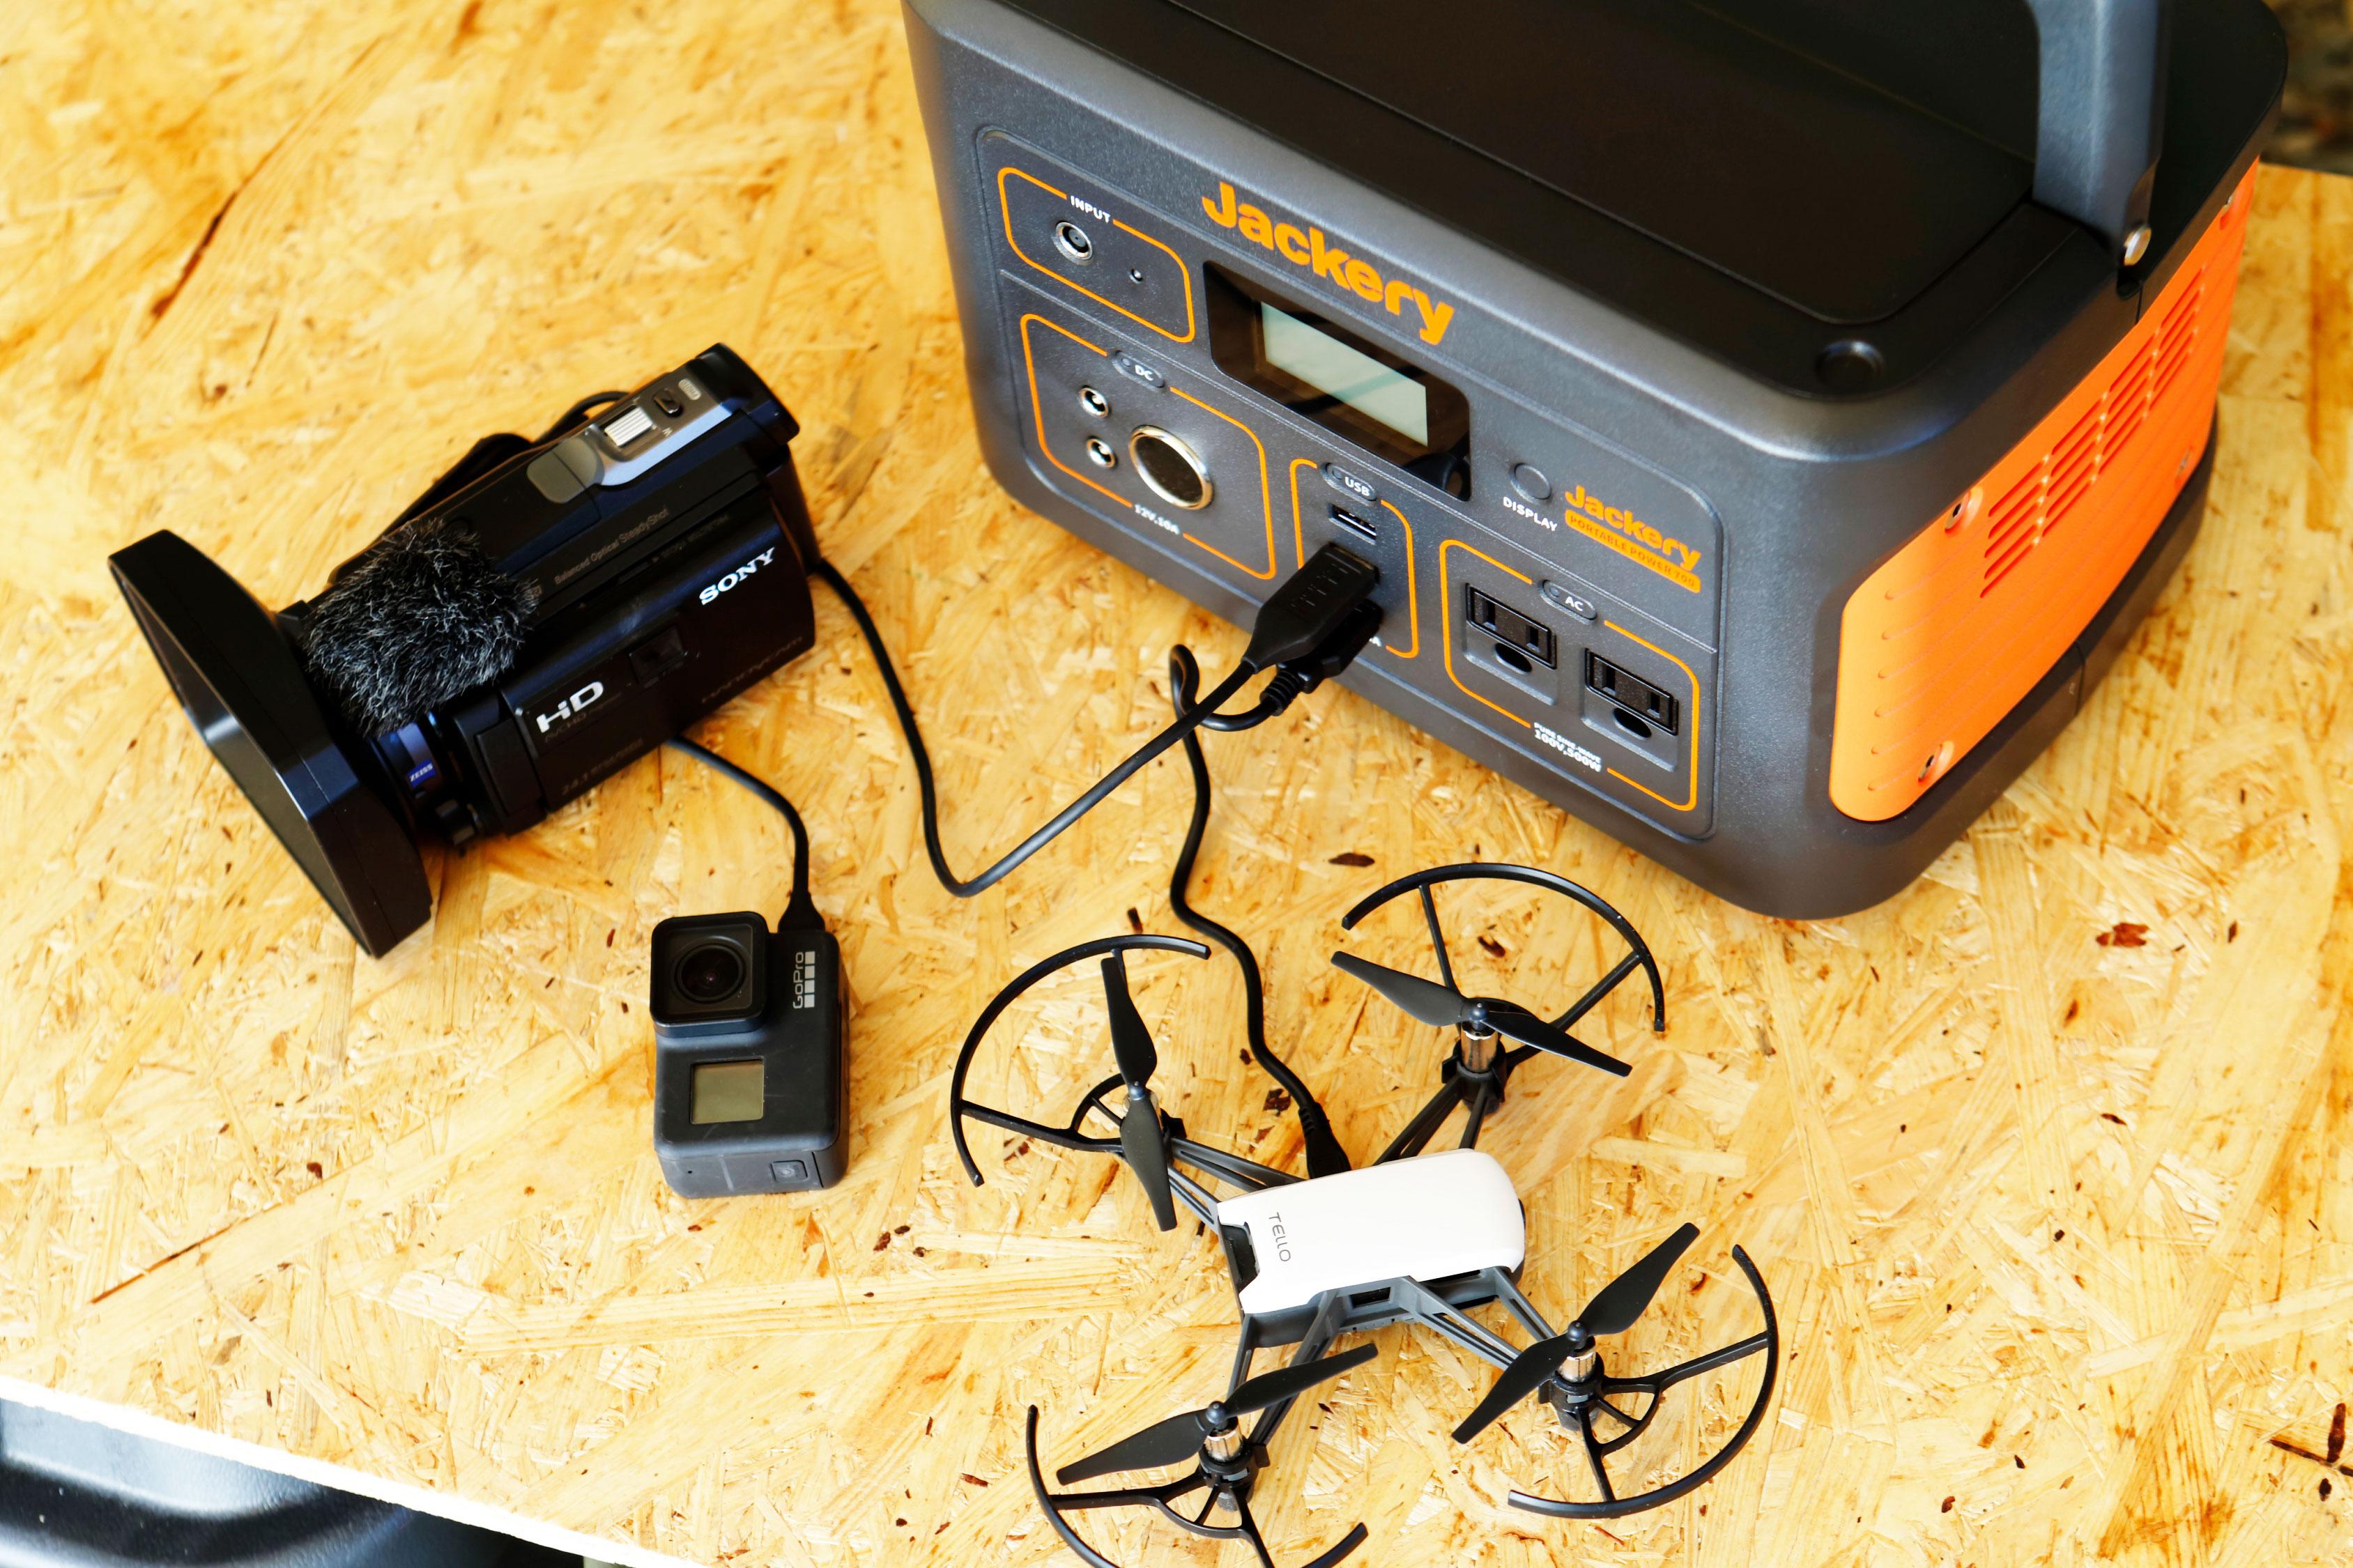 ビデオカメラやドローンなど、屋外アクティビティにうれしいデジモノも繰り返し充電